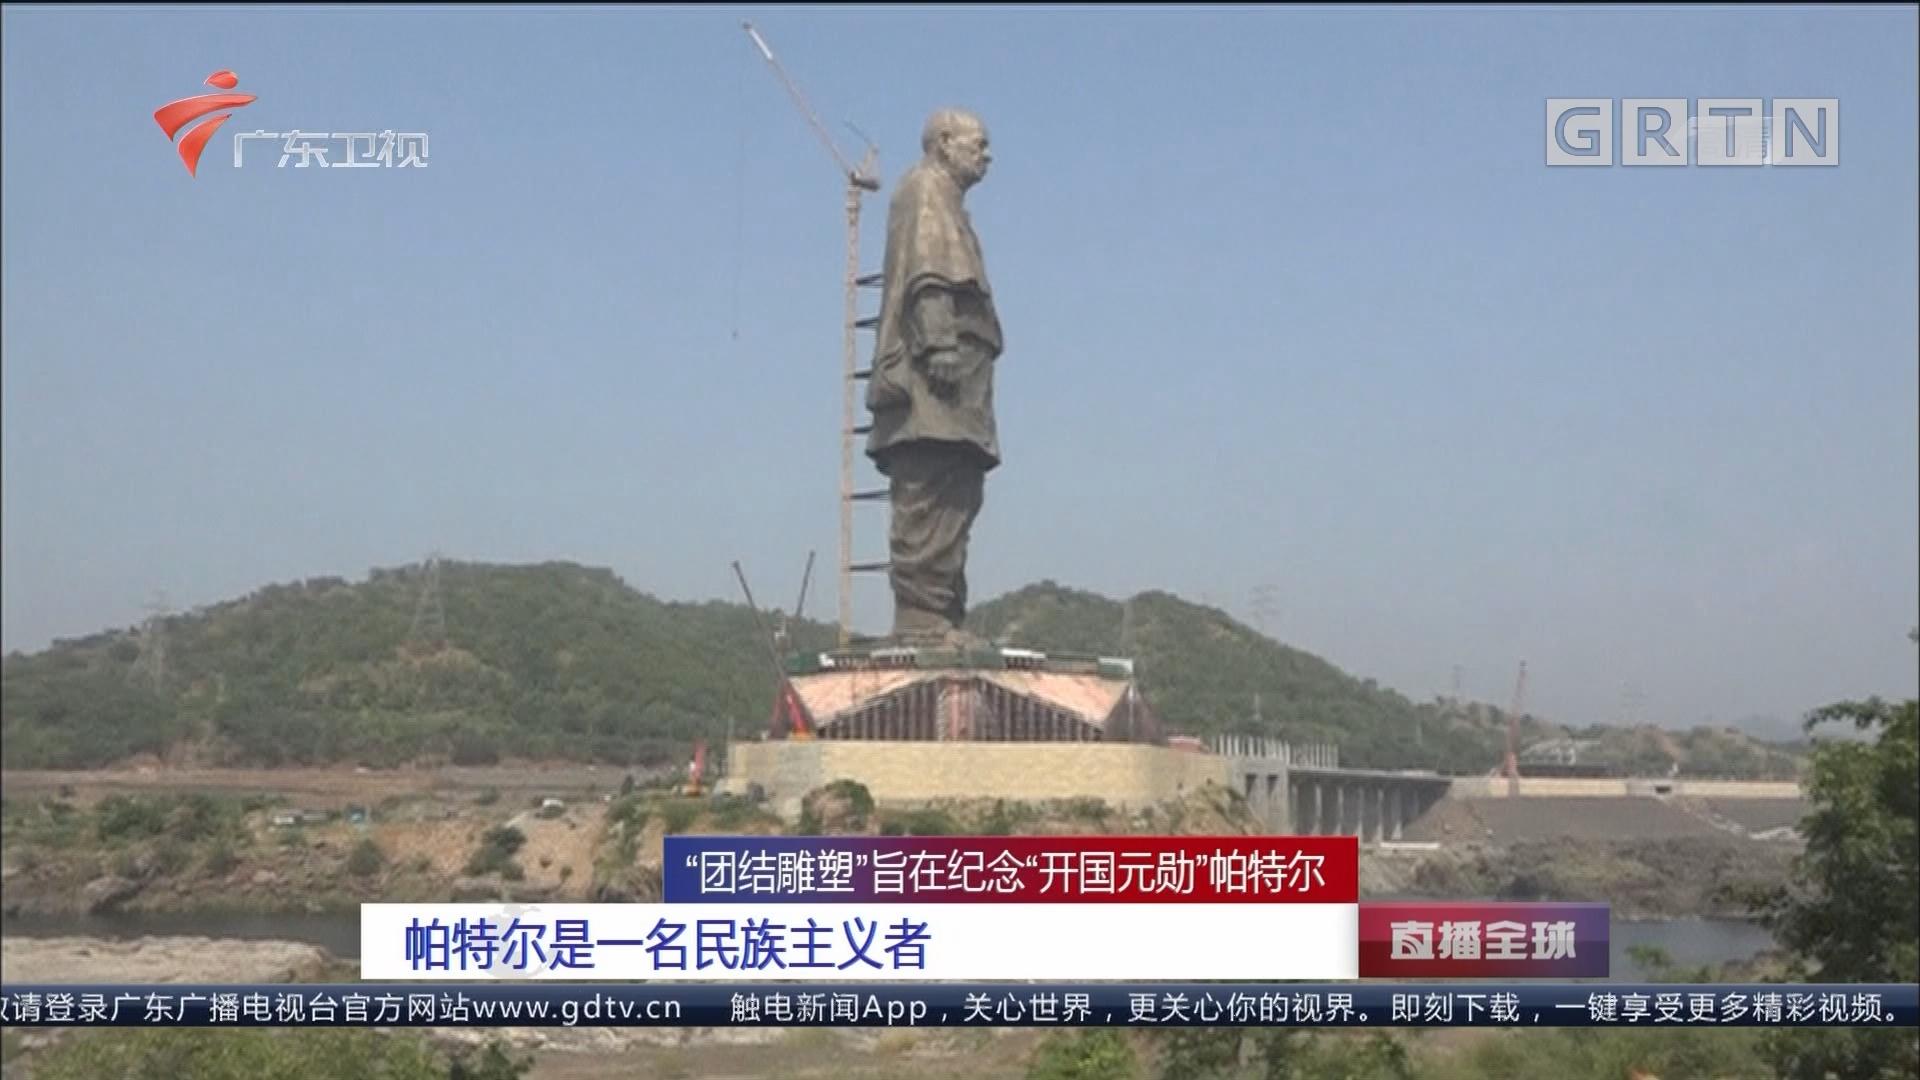 """""""团结雕塑""""旨在纪念""""开国元勋""""帕特尔:帕特尔是一名民族主义者"""